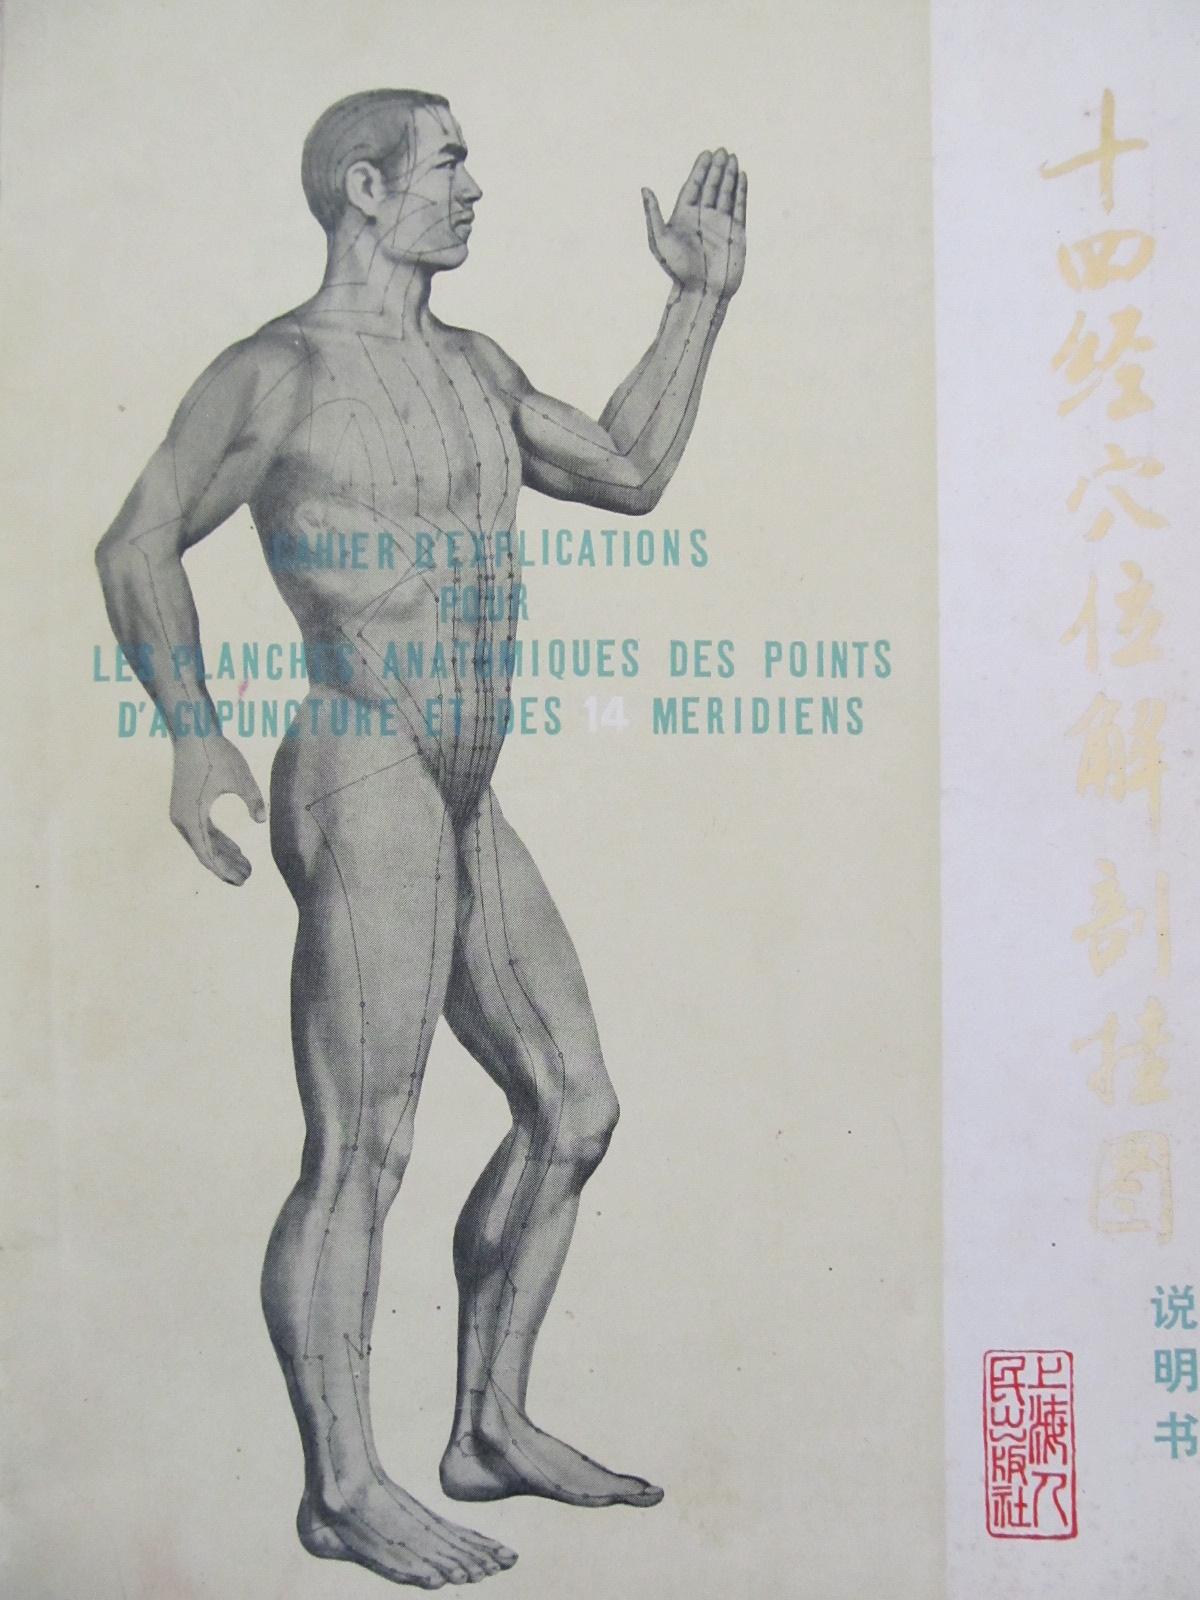 Cahier d' explication pour les planches anatomiques des points d' acupuncture et des 14 meridiens [1] - *** | Detalii carte